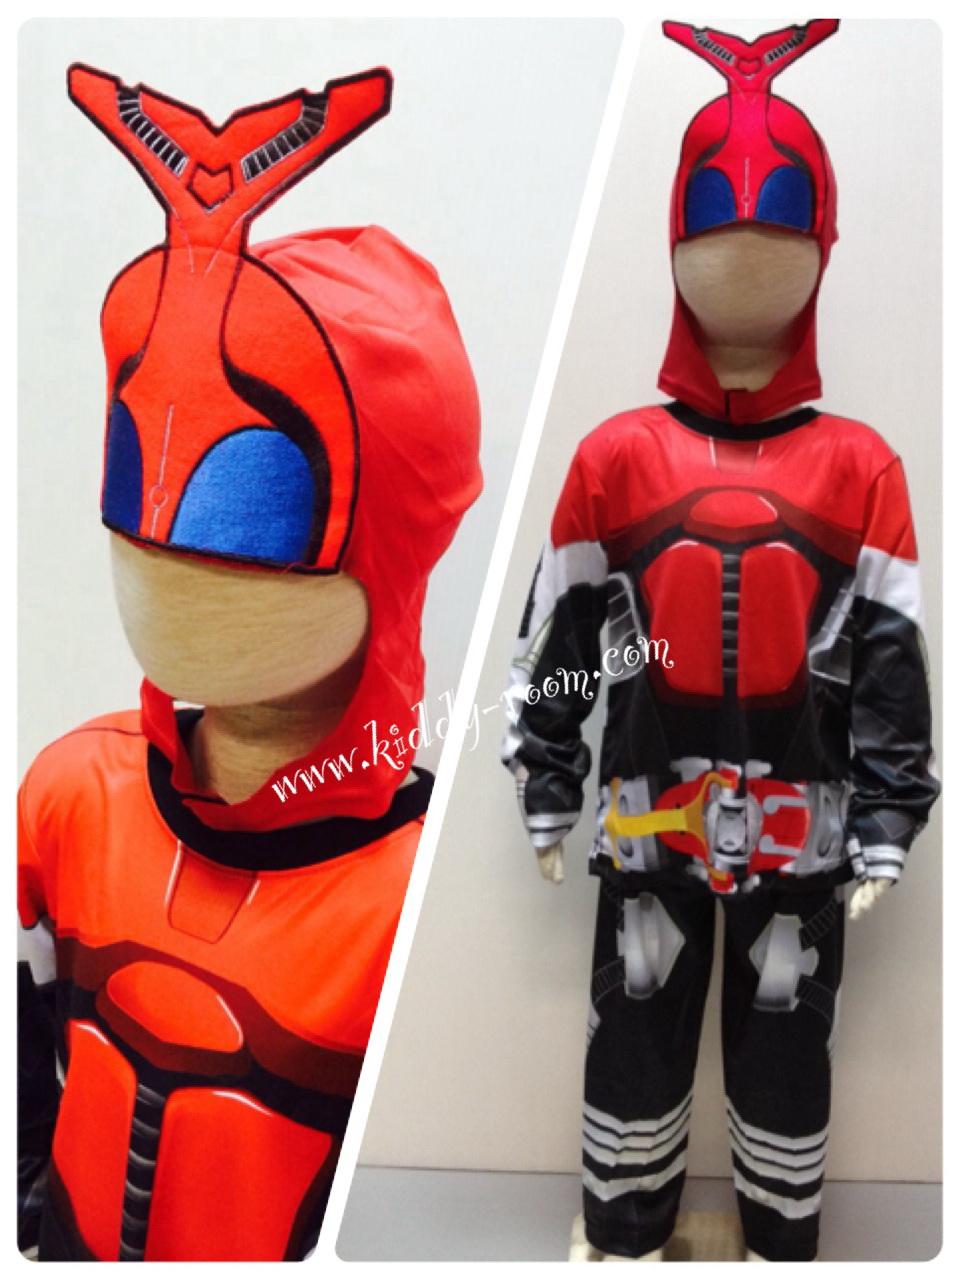 Masked Rider Kabuto (งานลิขสิทธิ์) ชุดแฟนซีเด็กมาค์ส ไรเดอร คาบูโตะ 3 ชิ้น เสื้อ กางเกง & หน้ากาก ให้คุณหนูๆ ได้ใส่ตามจิตนาการ ผ้ามัน Polyester ใส่สบายค่ะ หรือจะใส่เป็นชุดนอนก็ได้ค่ะ size S, M, L, XL